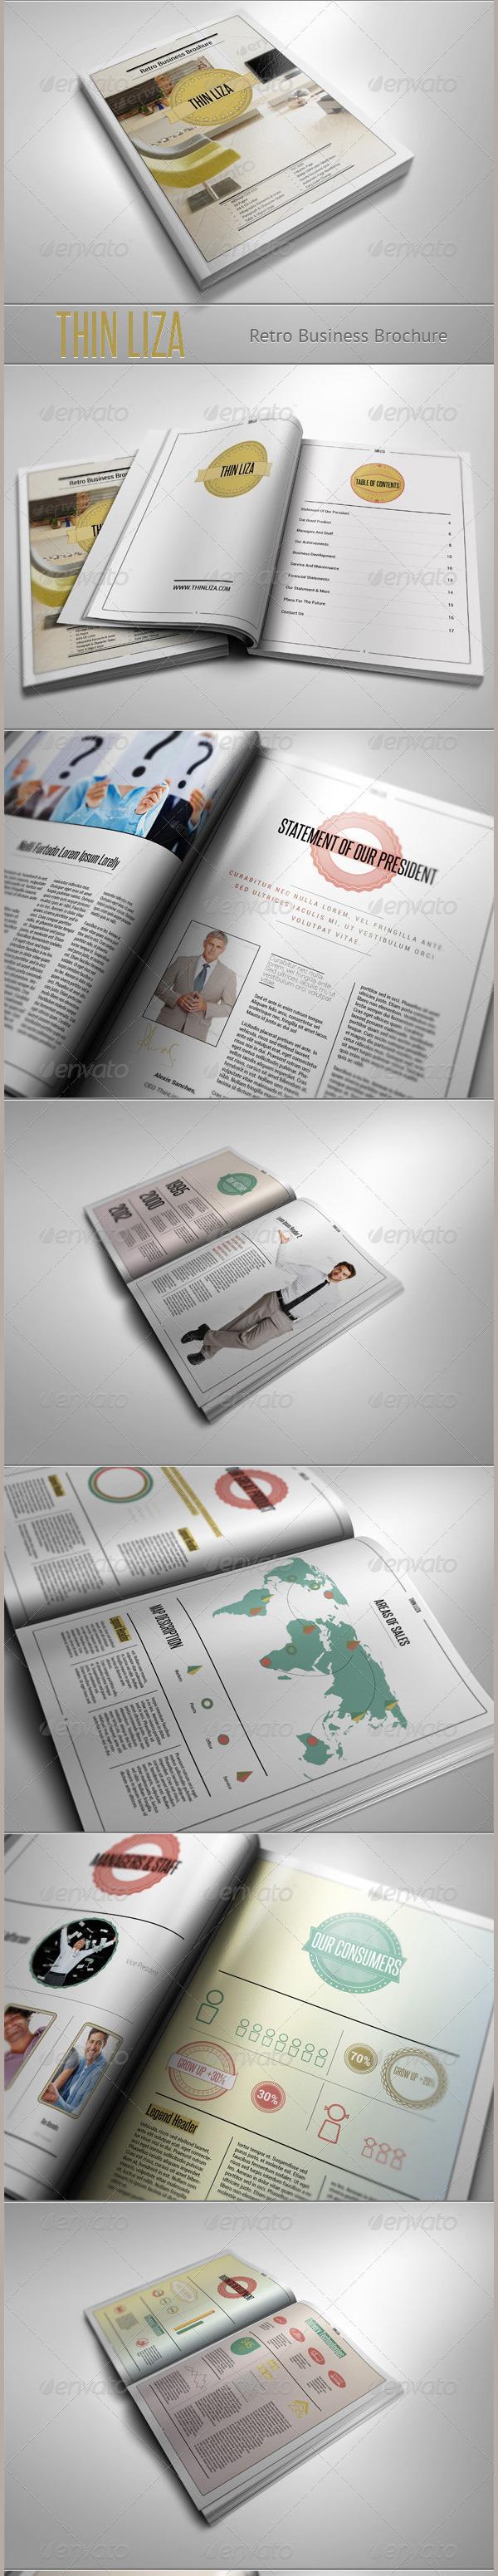 THIN LIZA - Retro Business Brochure